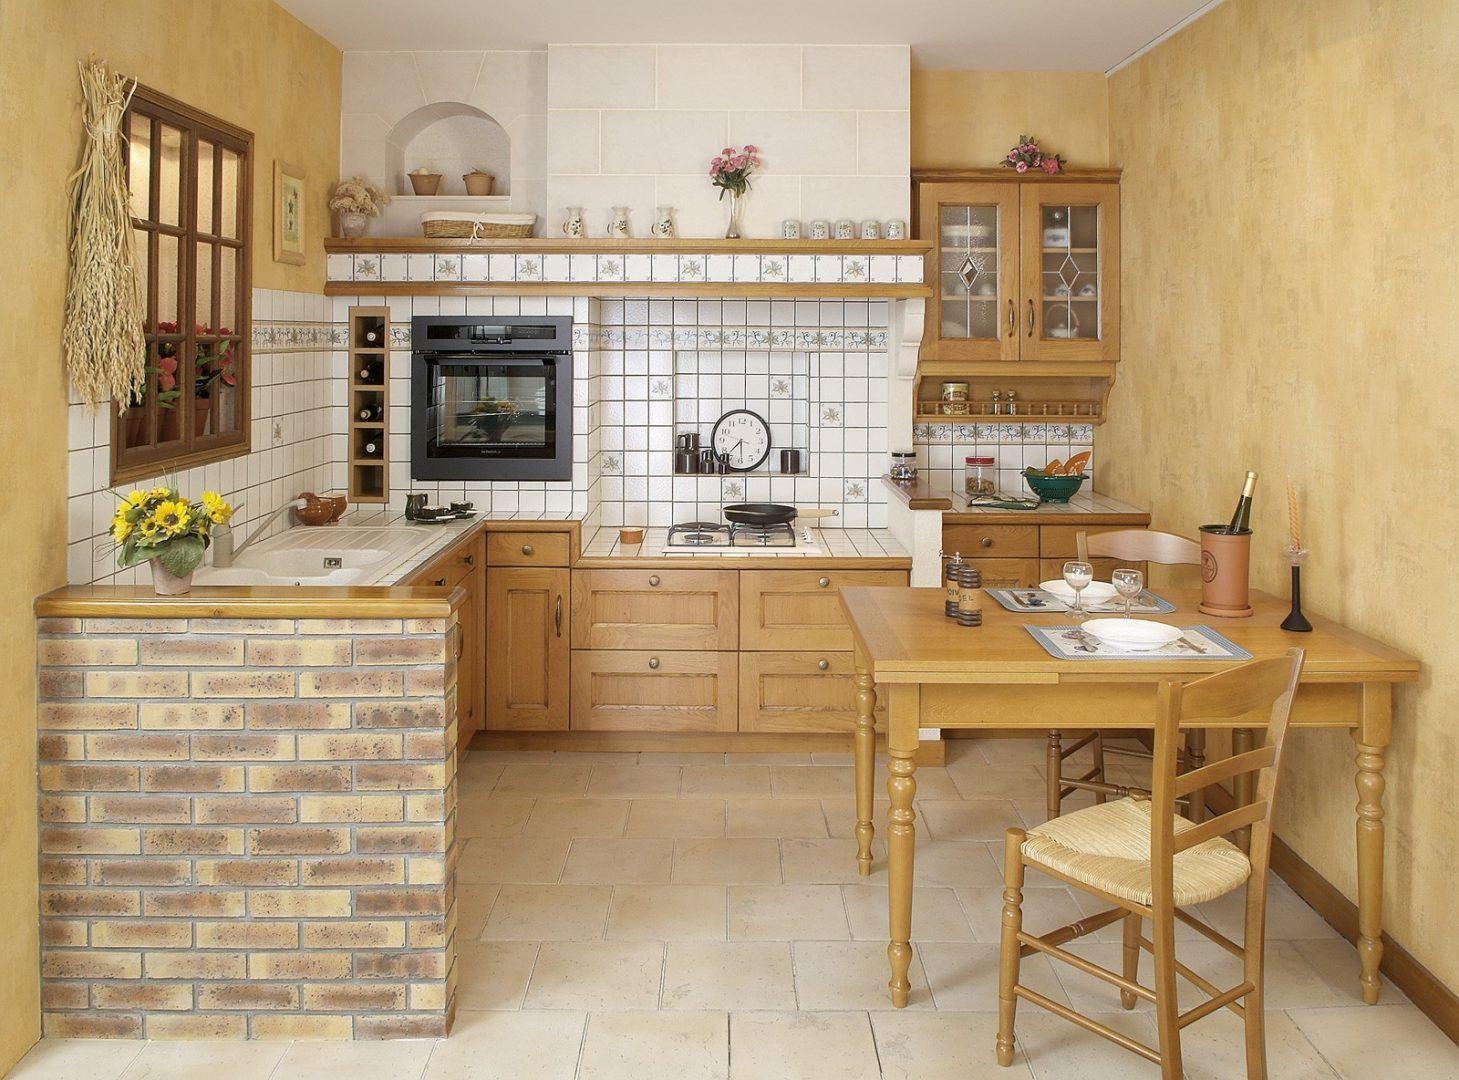 Sencilla y acojedora cocina rustica ideas para el hogar - Como decorar tejas rusticas ...